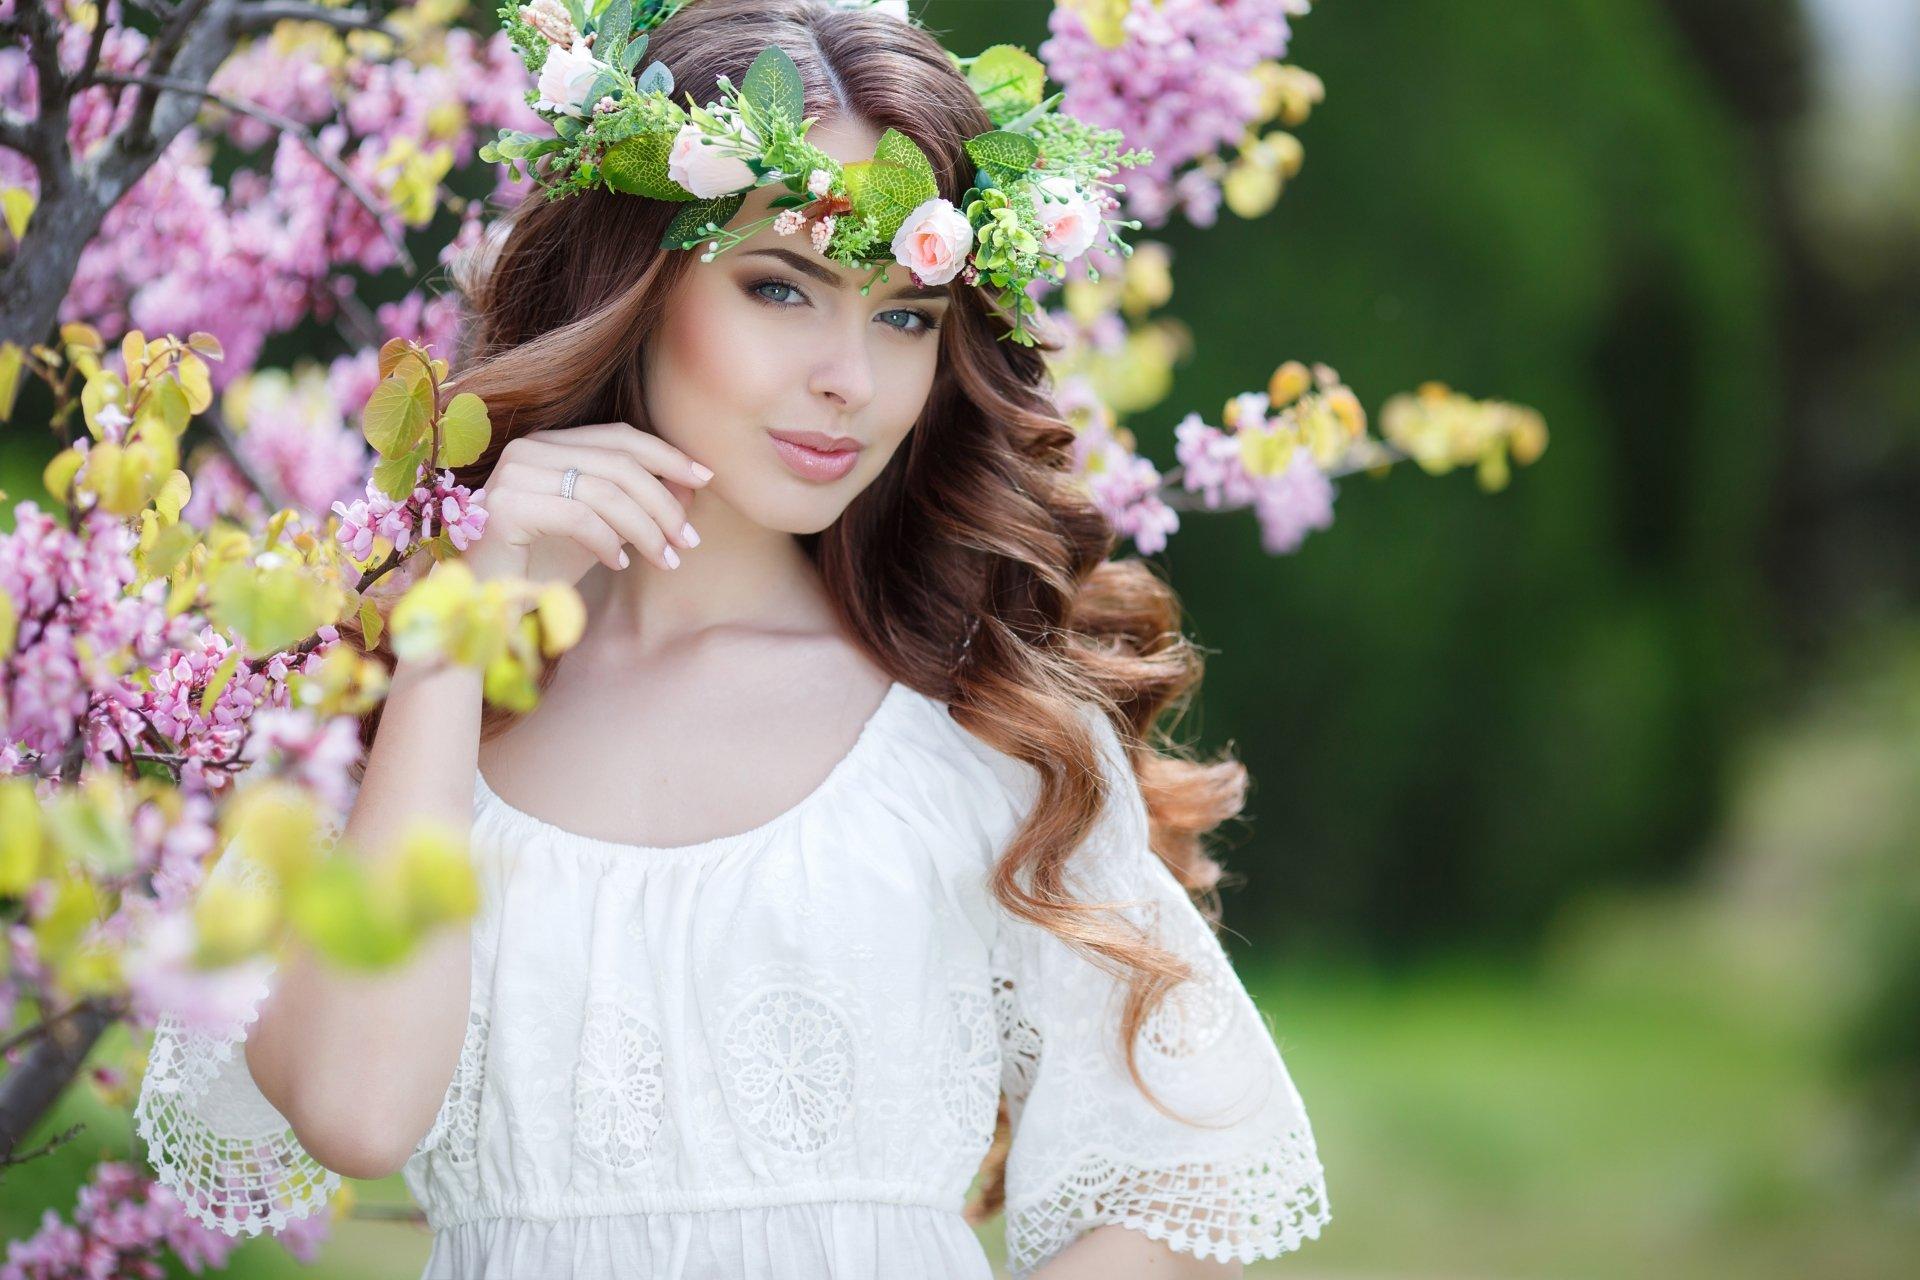 Women - Model  Woman Girl Brunette Depth Of Field Wreath Blossom White Dress Wallpaper